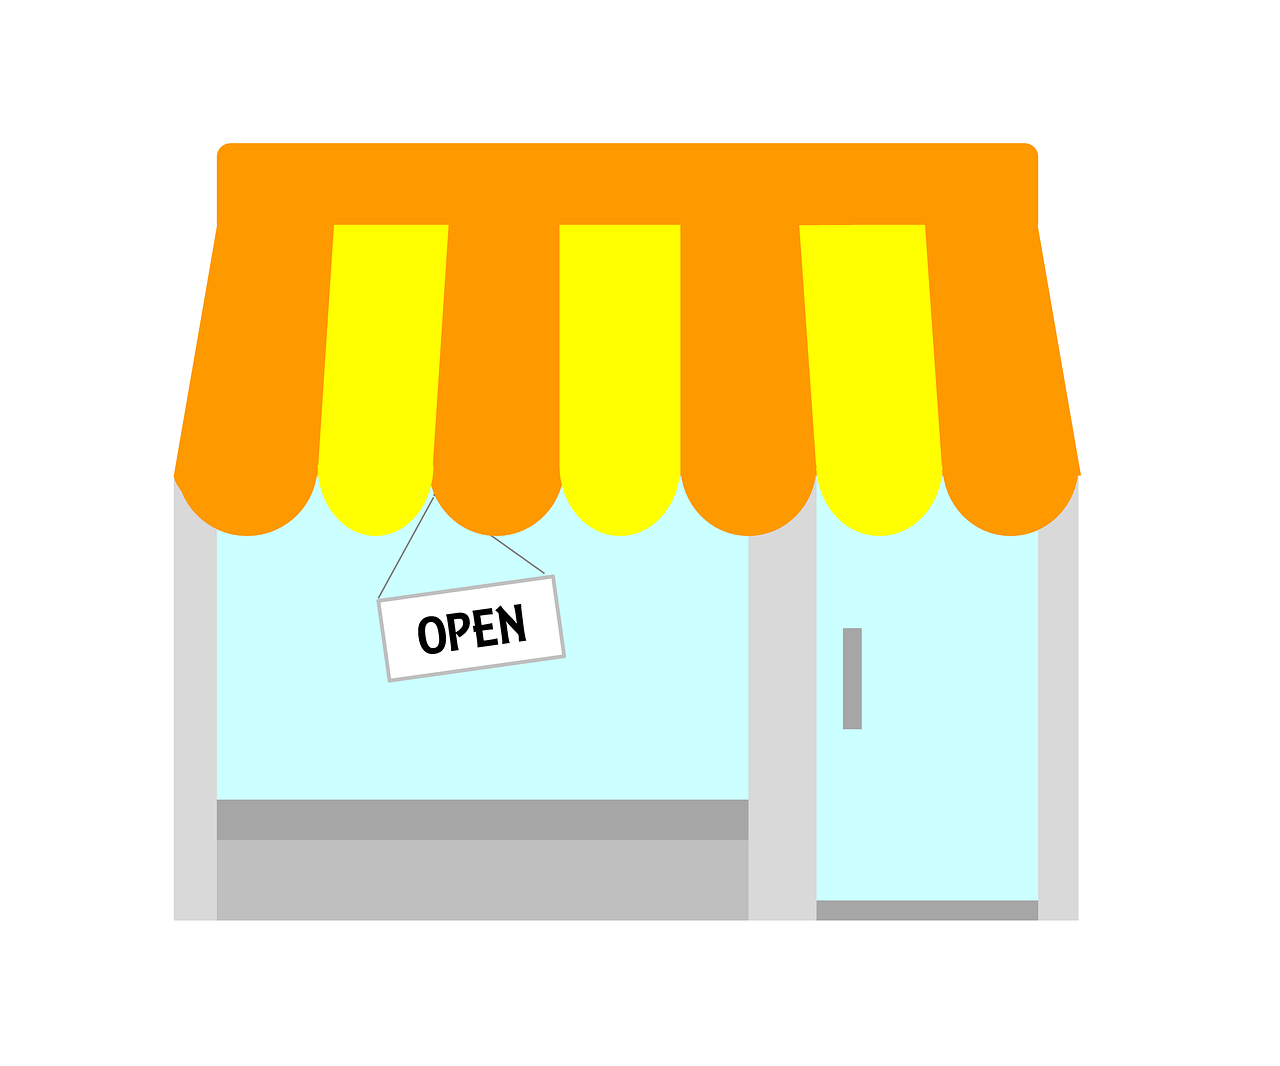 מה ההשקעה הפיננסית שתעשו בחנות אינטרנטית